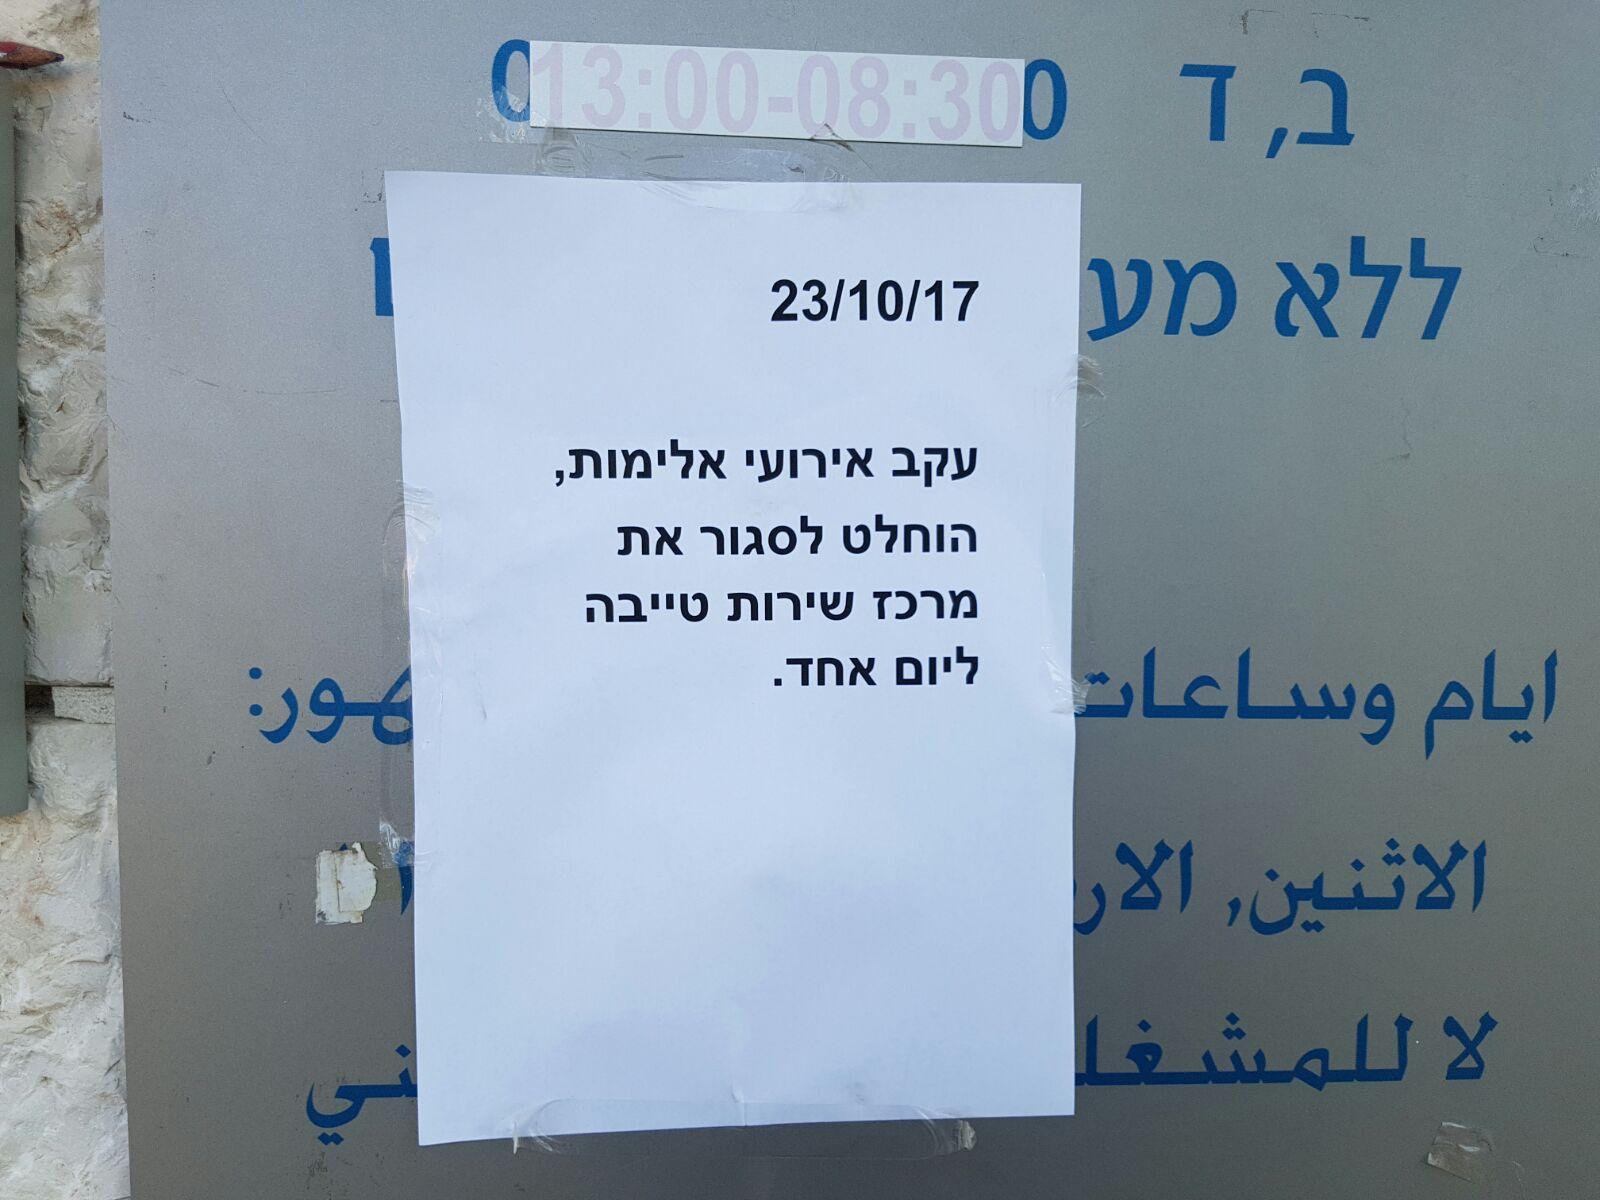 الطيبة: إغلاق مكتب التأمين أمام المراجعين